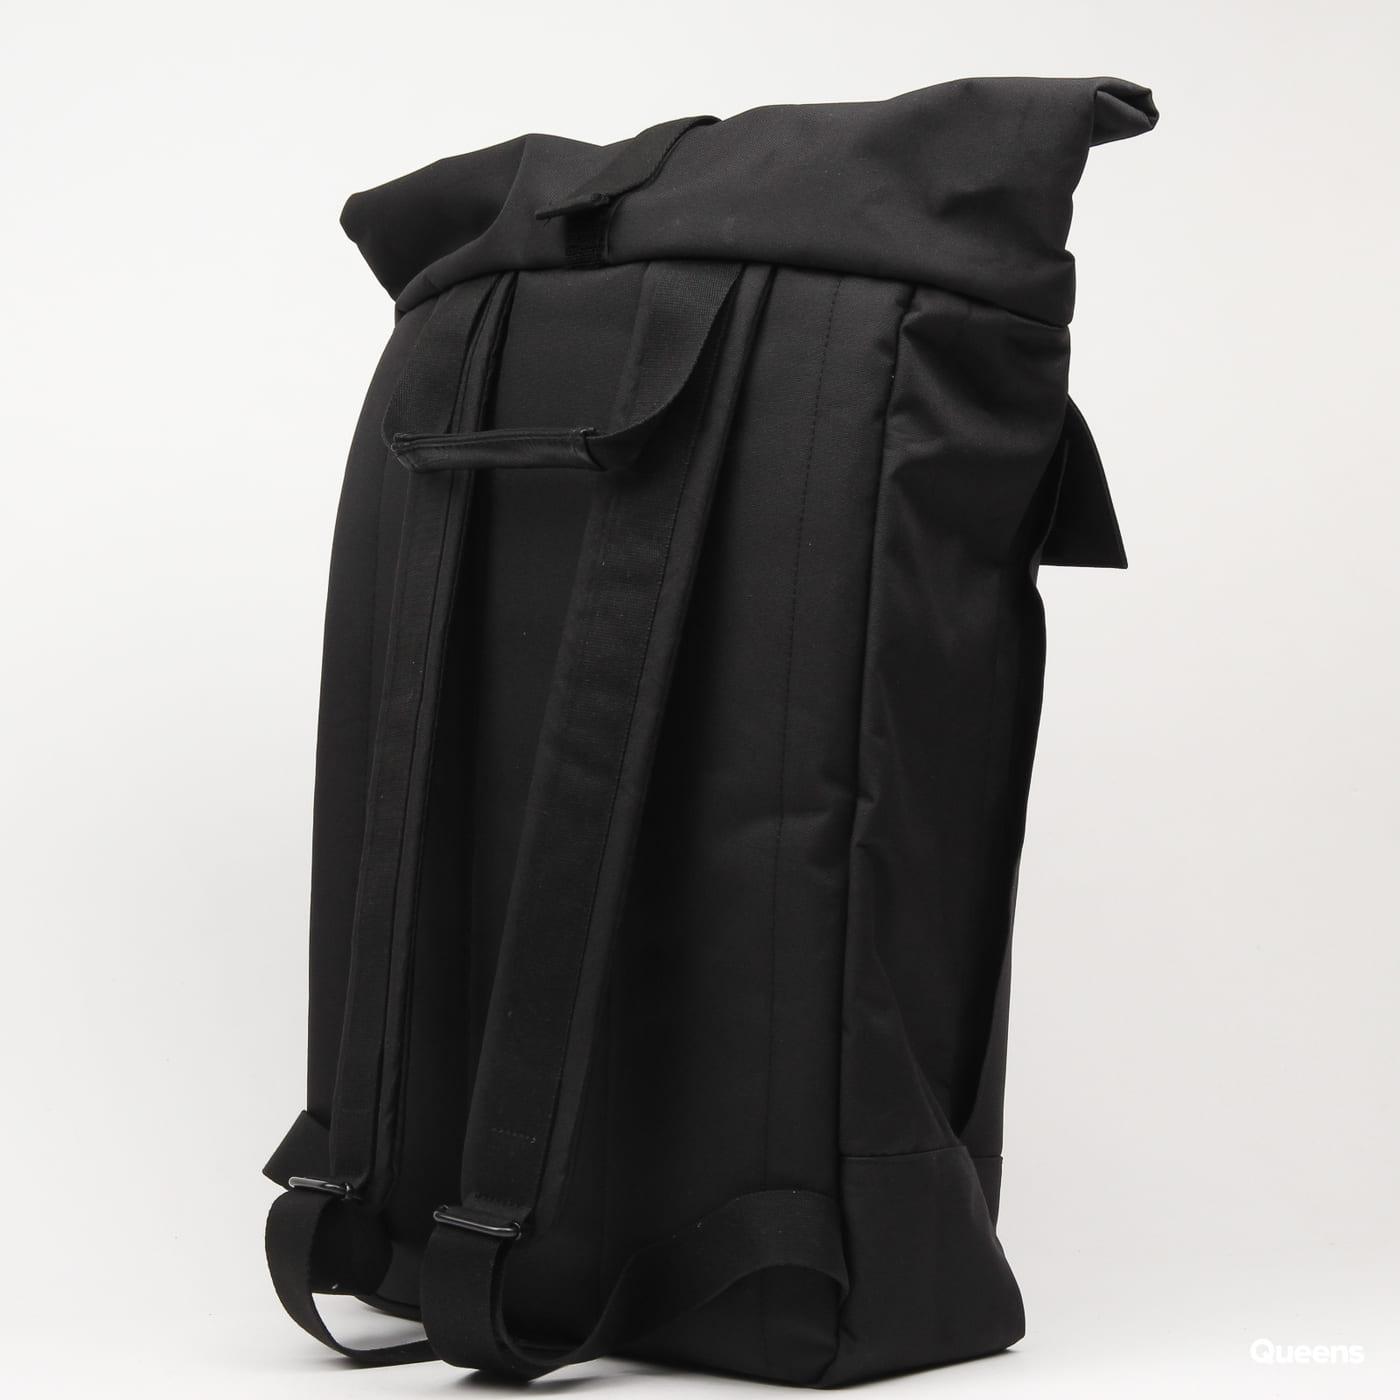 Ucon Acrobatics Colin Stealth Backpack schwarz